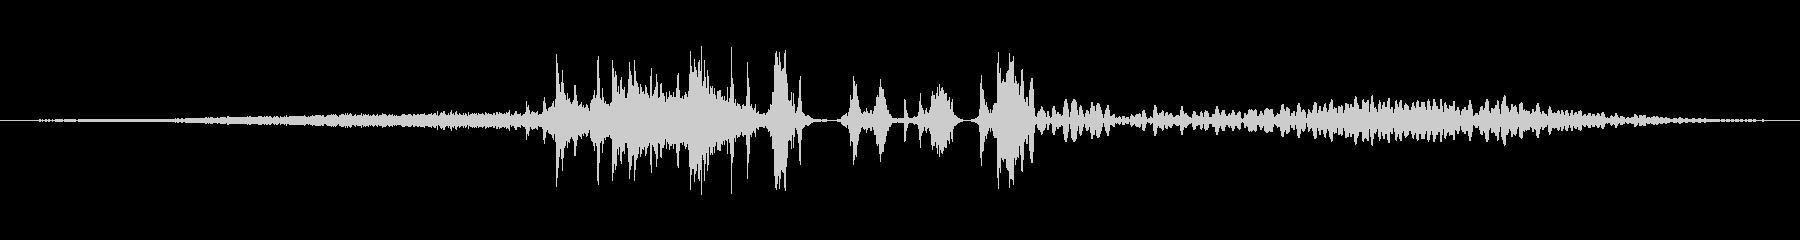 フリーズビー、メタルグローンガンコ...の未再生の波形